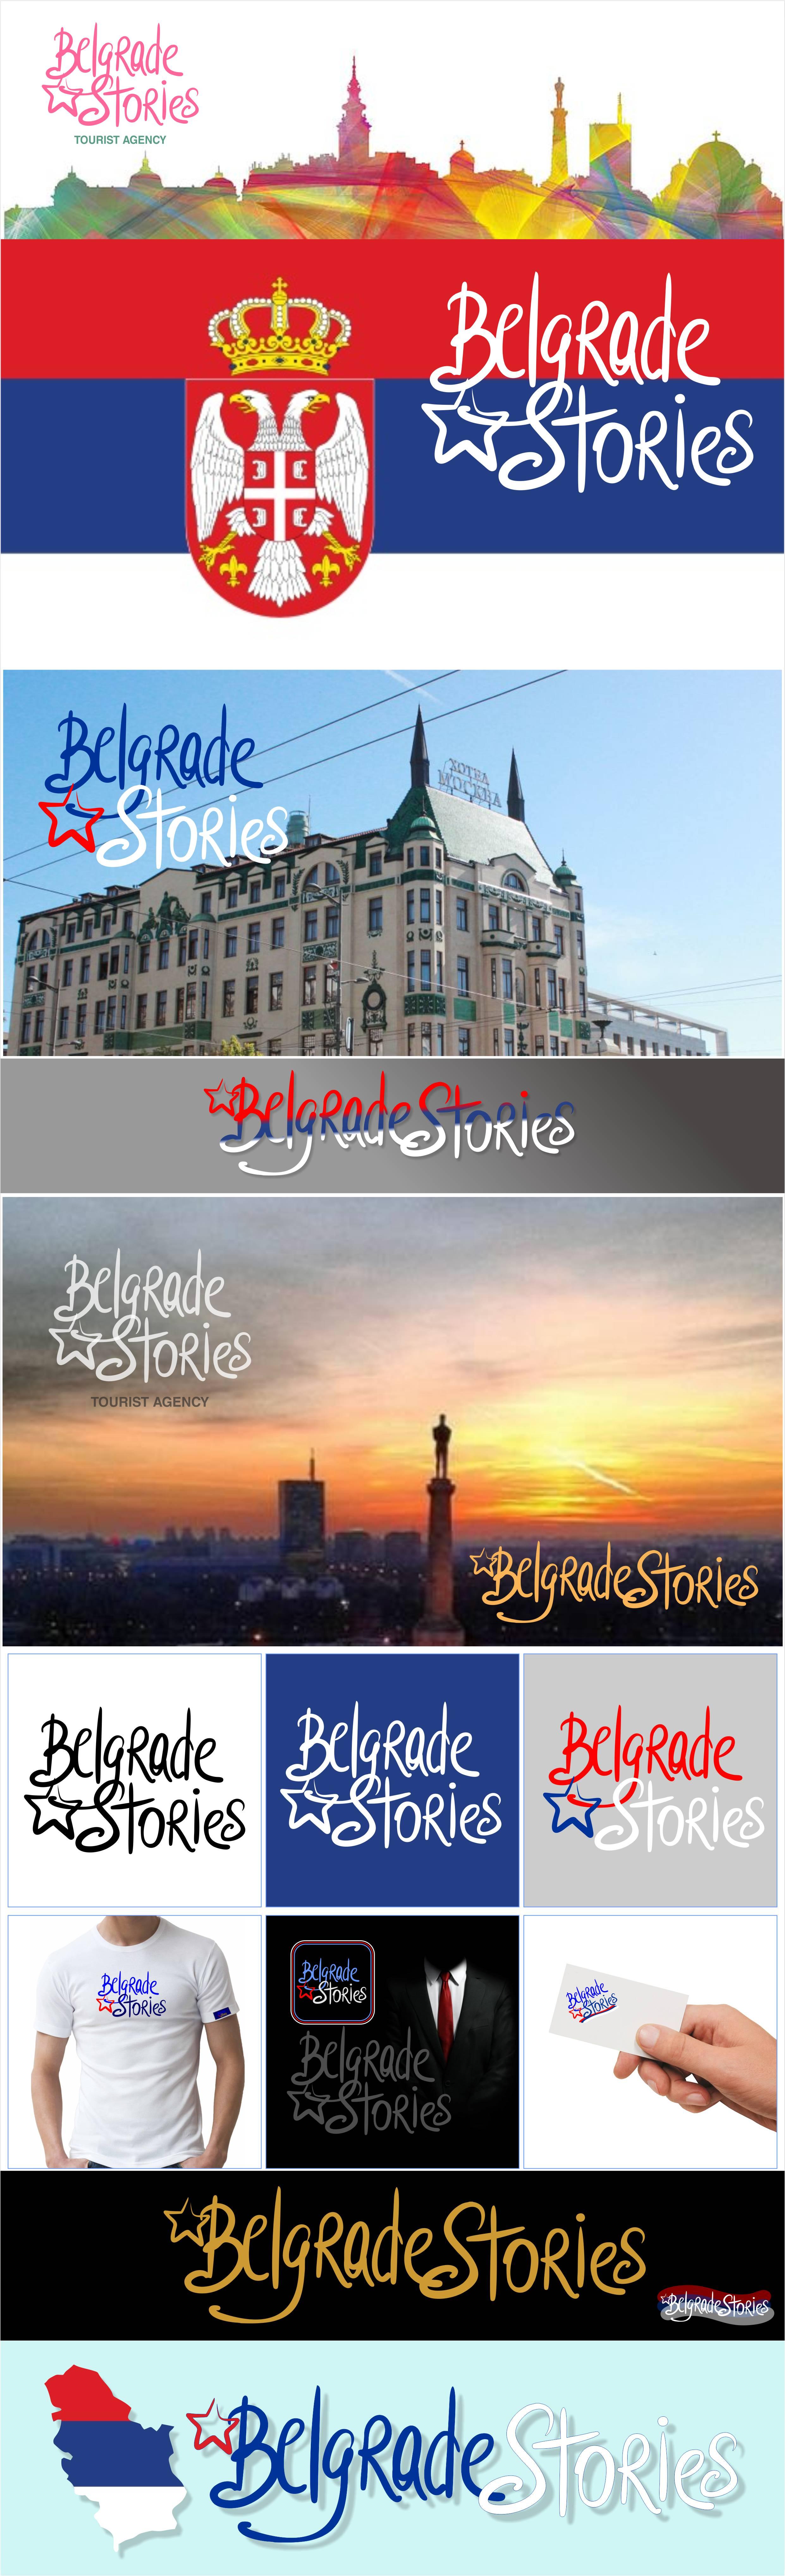 Логотип для агентства городских туров в Белграде фото f_712589db8b789ea1.jpg